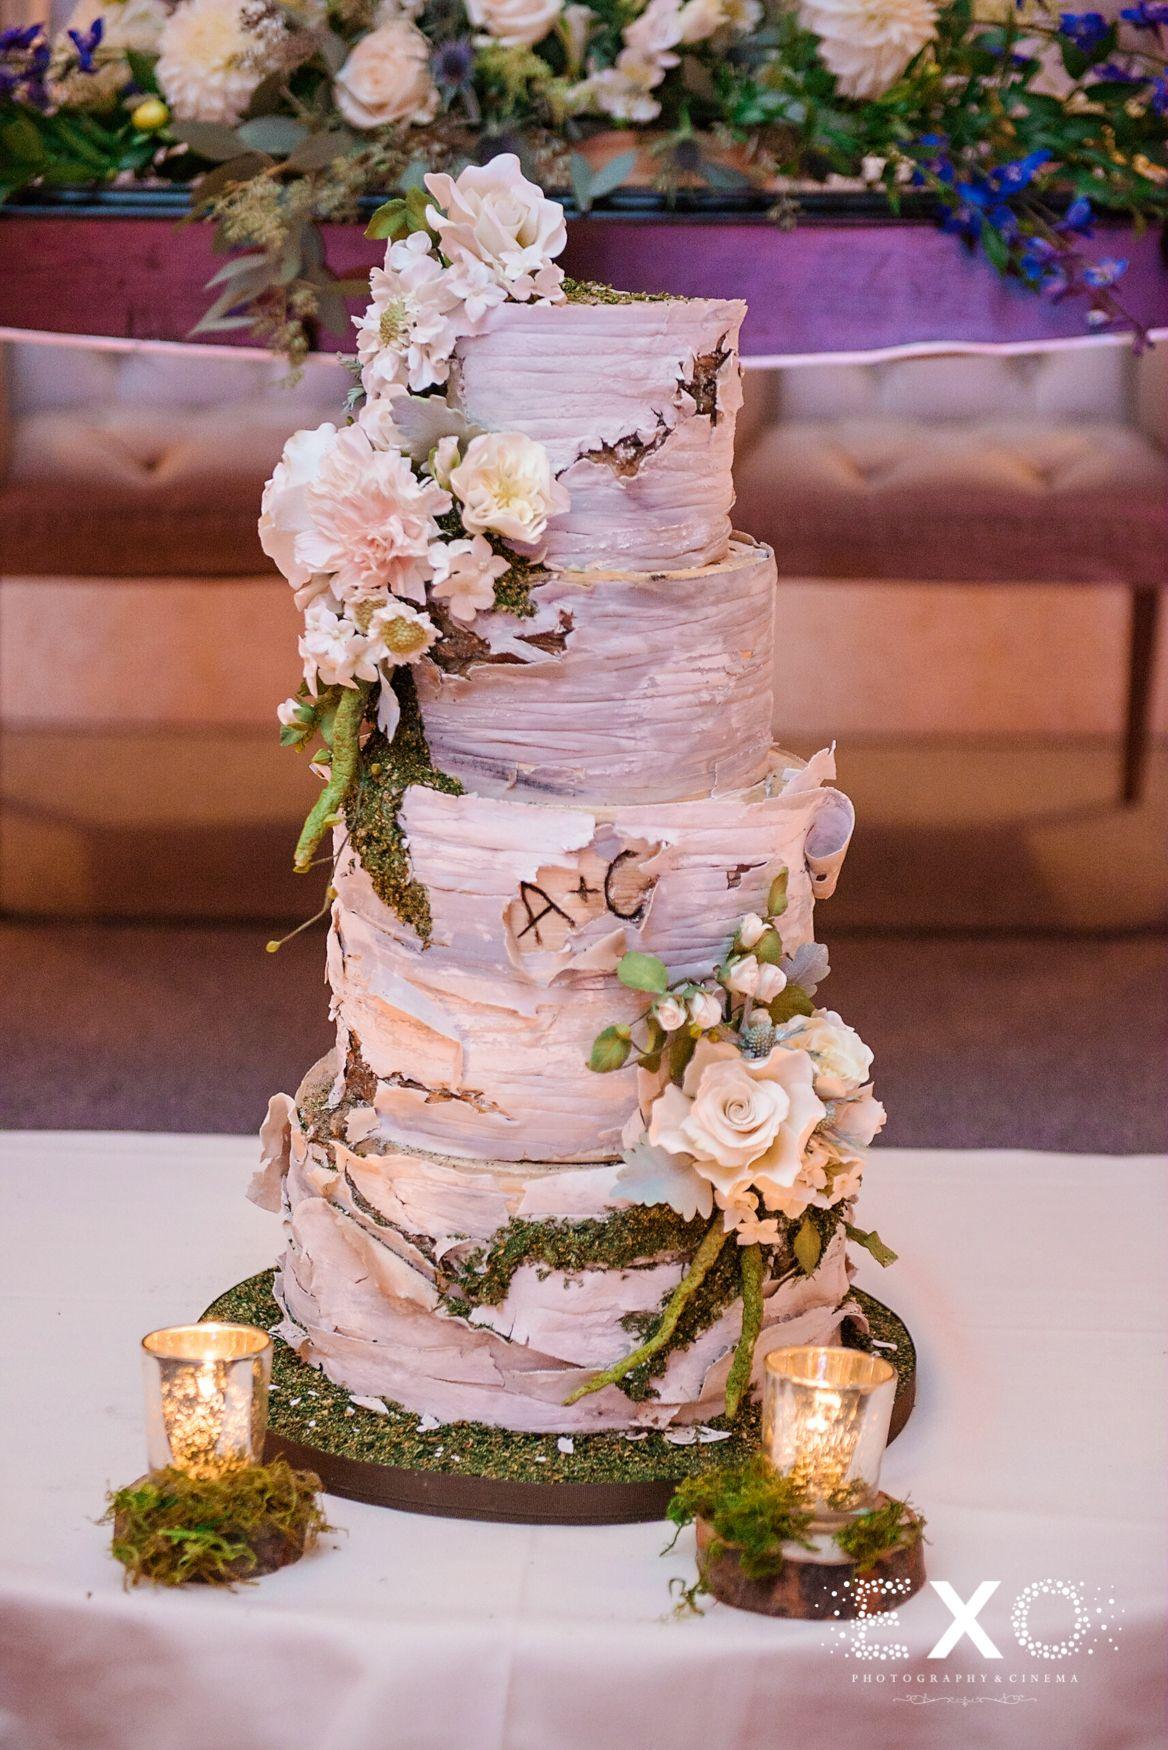 Wedding Cake Made To Look Like A Tree Bark Amazing Captured By - Wedding Cake Tree Bark